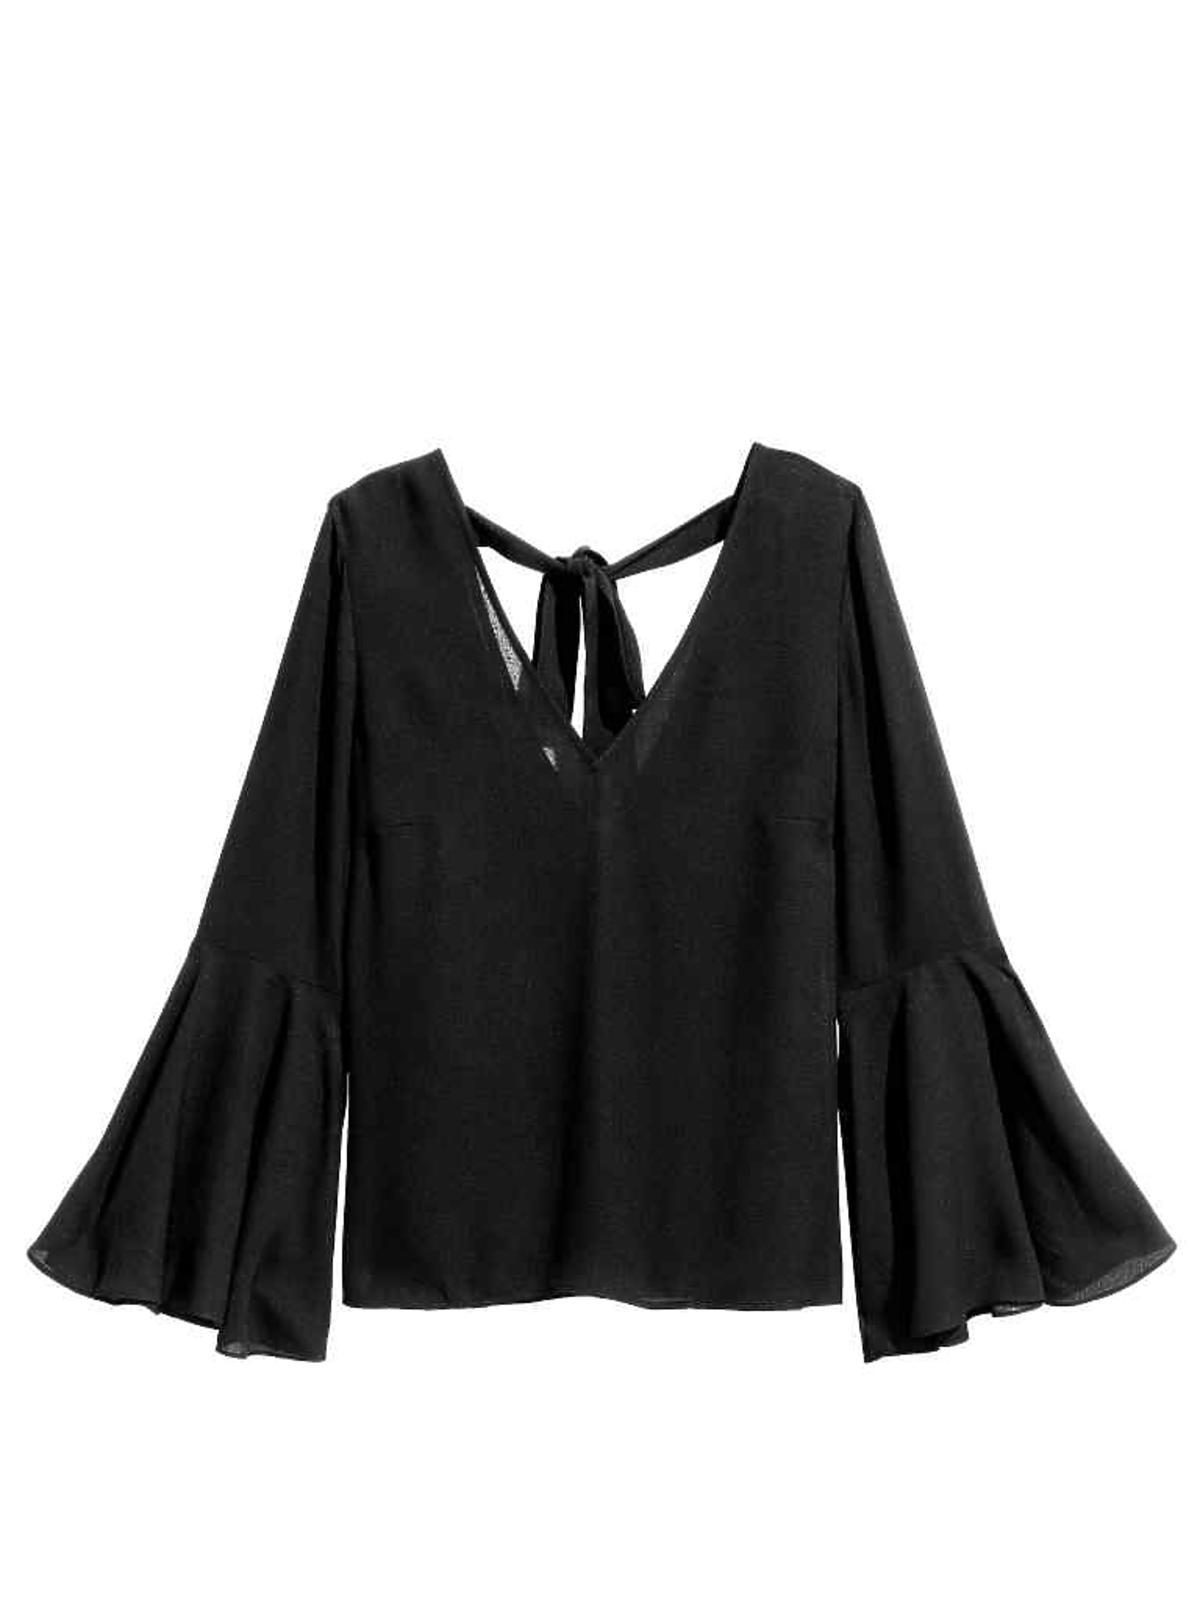 Wyprzedaże H&M zima 2016 - przeceny do 100 zł: Bluzka z rozszerzanym rękawem 55,90 zł (było: 79,90 zł)